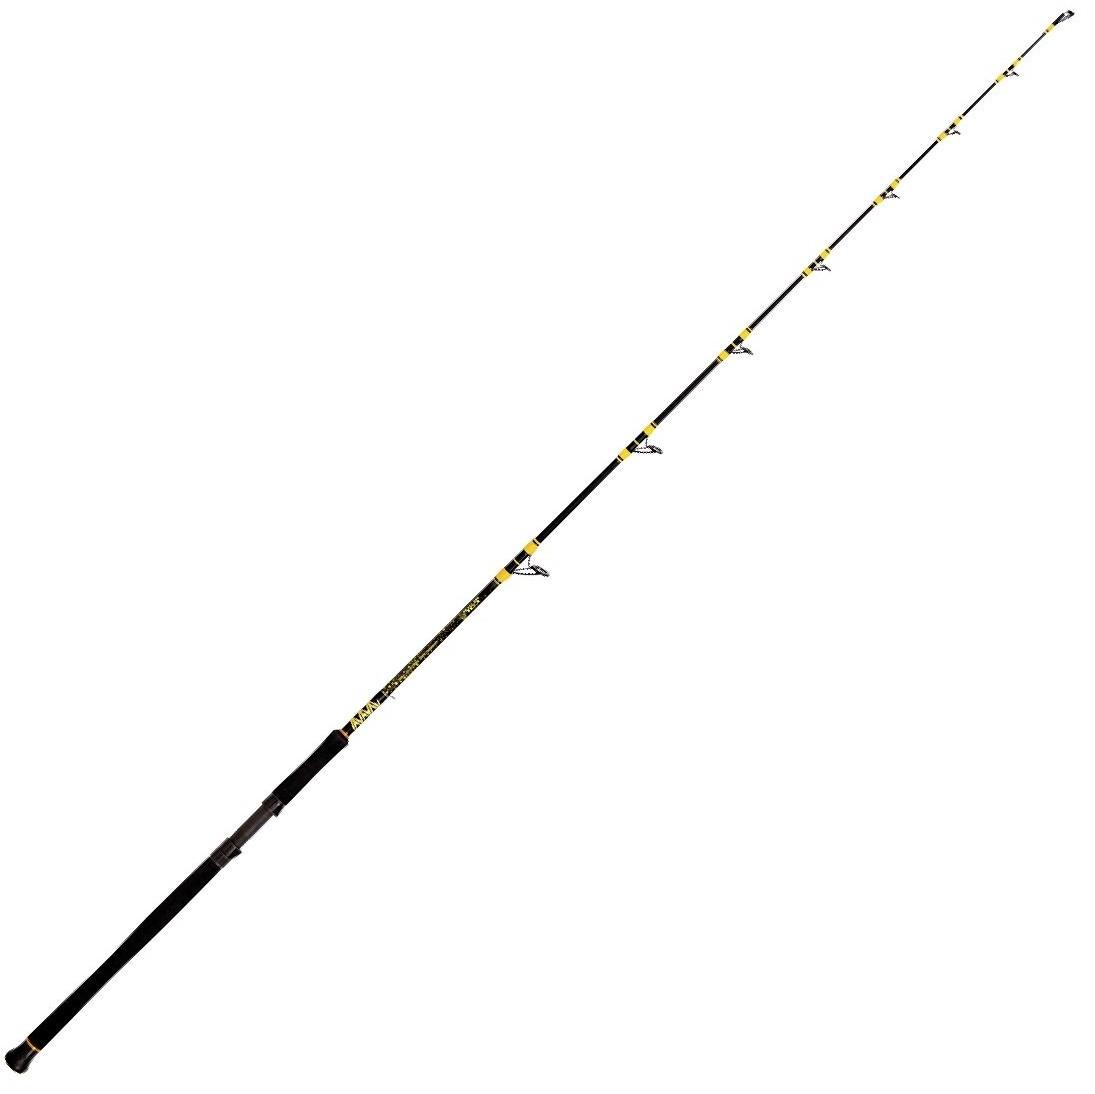 Black Cat prut PASSION PRO DX Vertical 1.80m 230g, 1díl